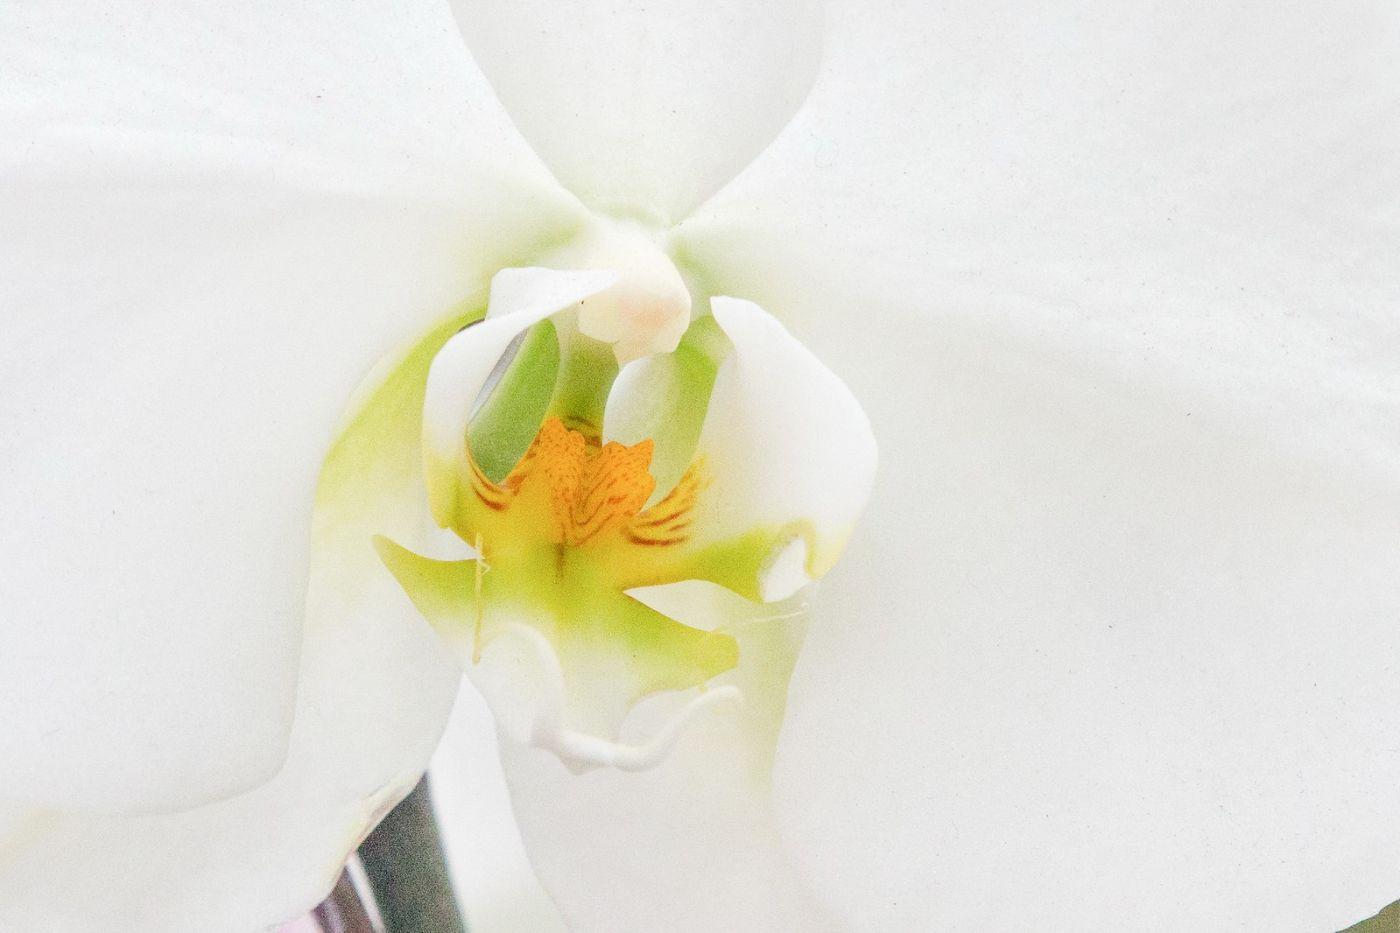 兰花,美丽典雅_图1-20